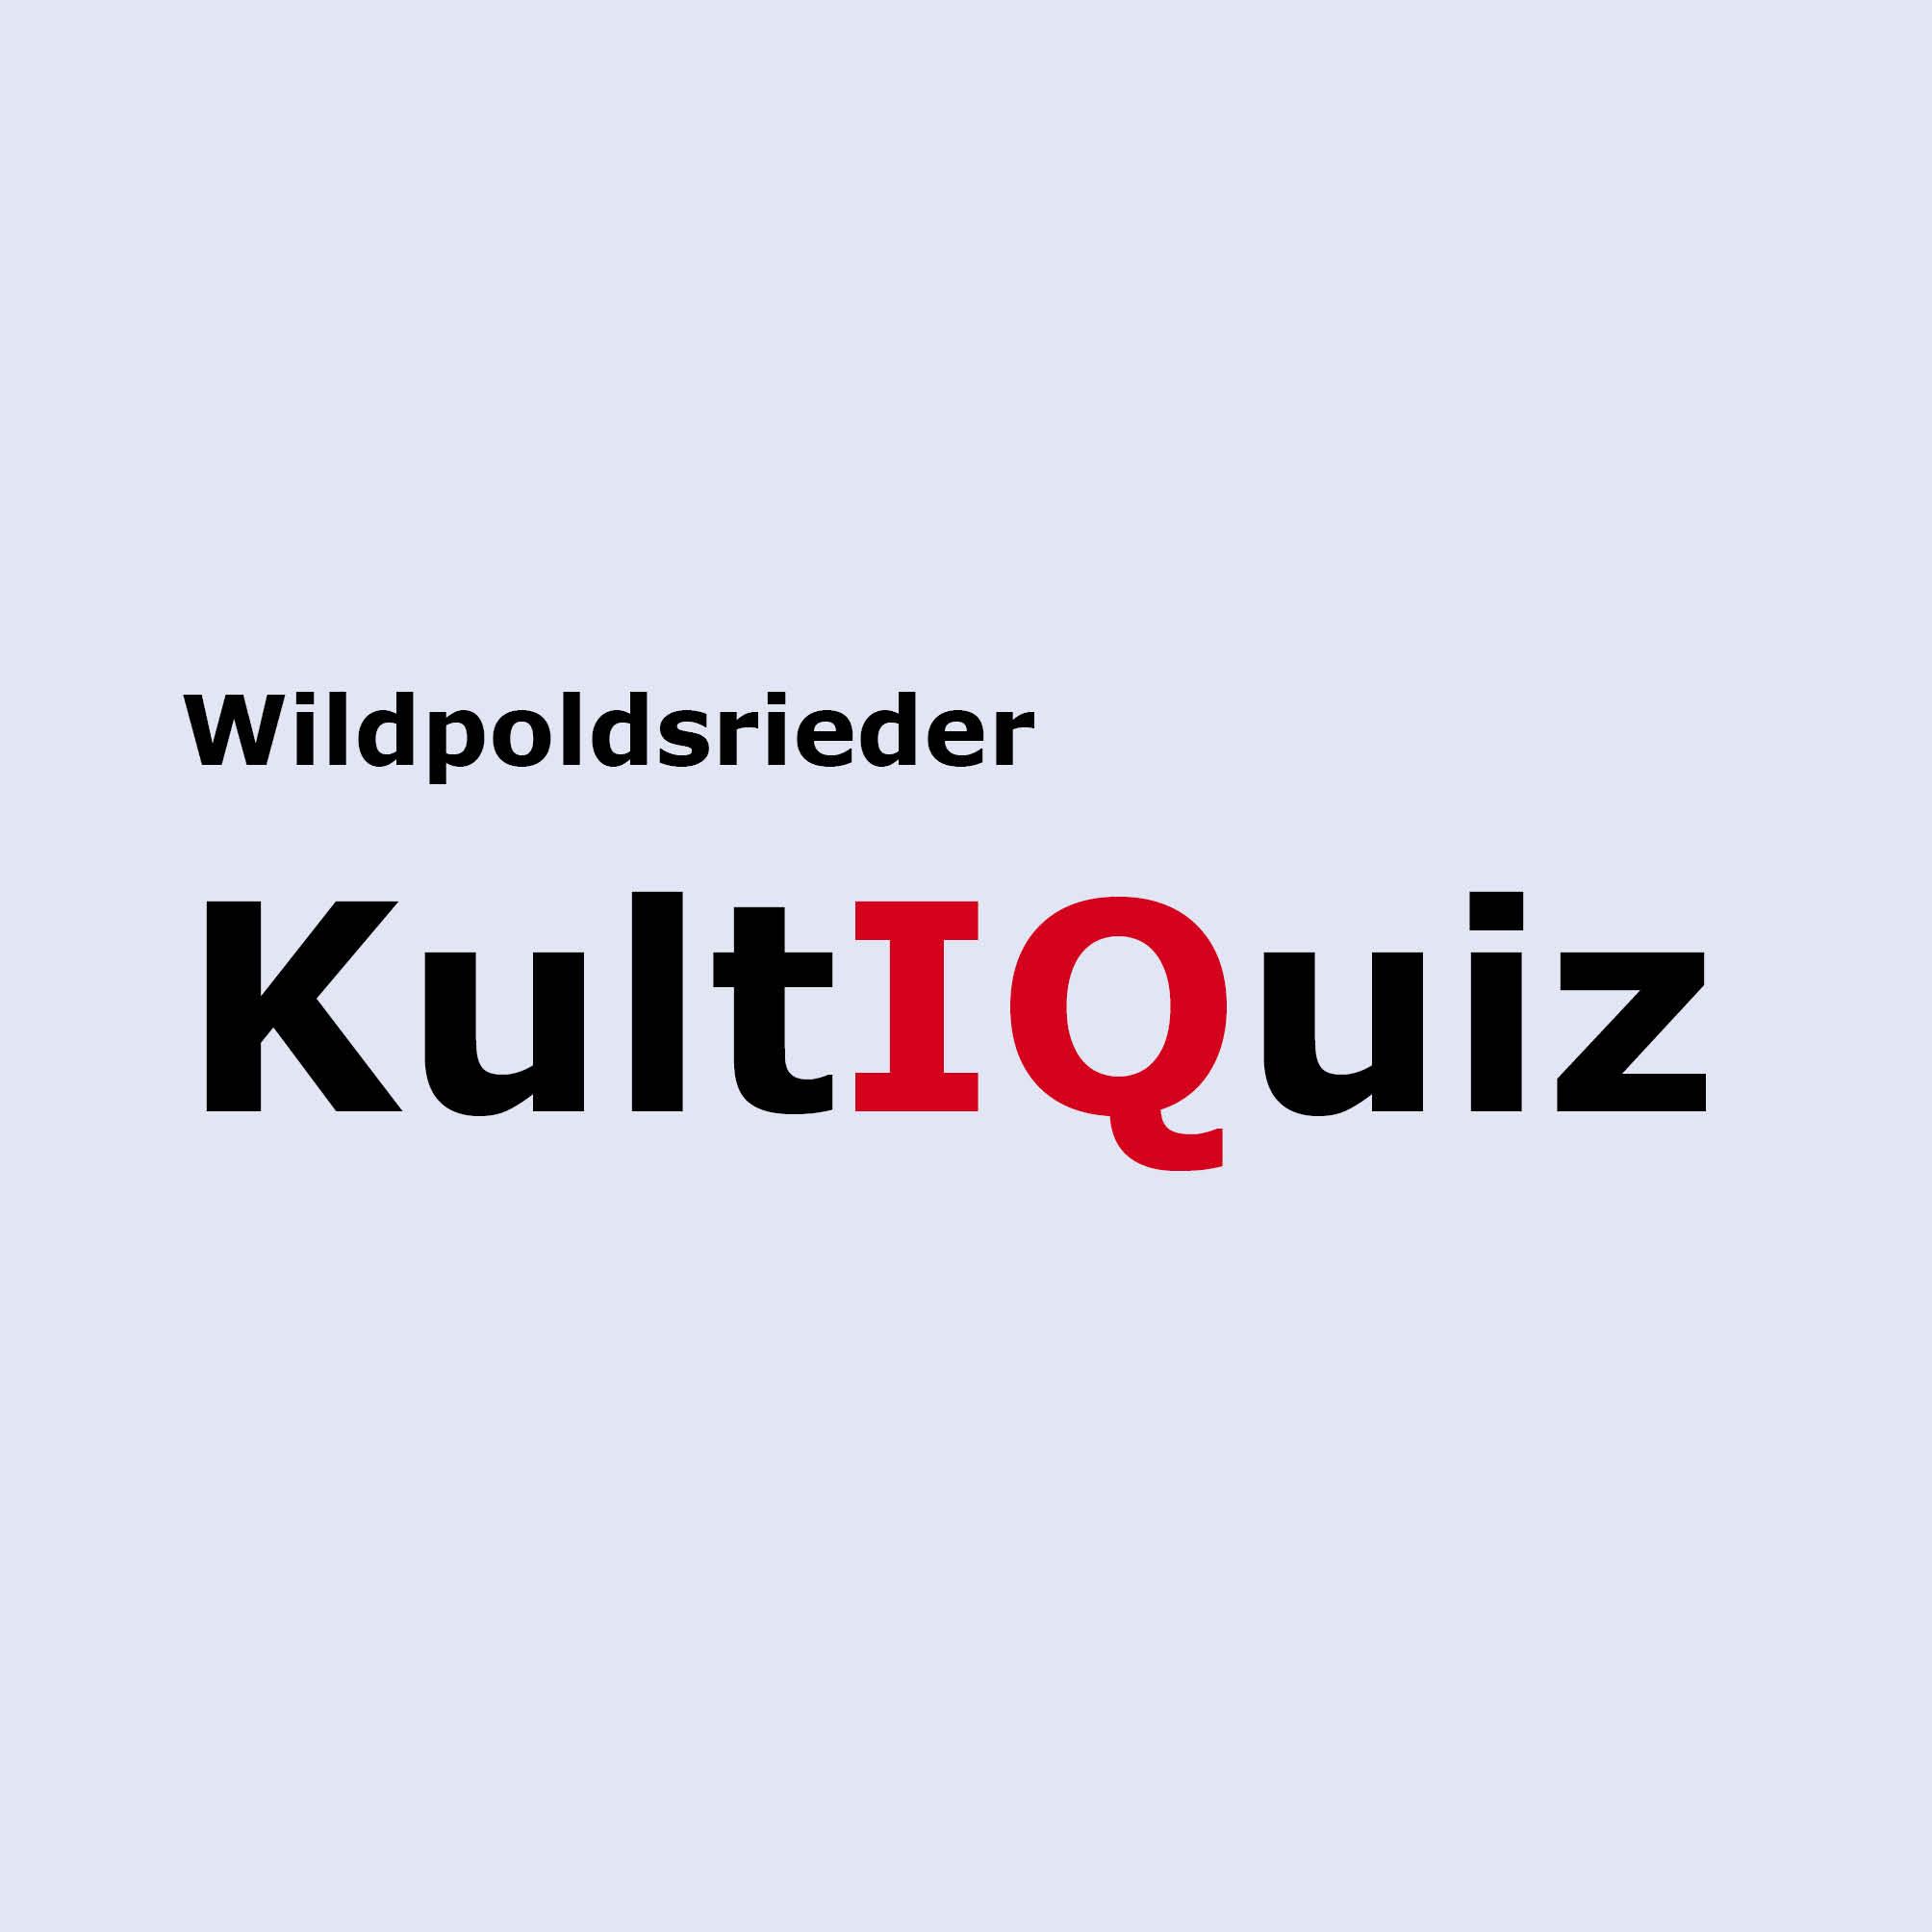 Kultiquiz Wildpoldsried